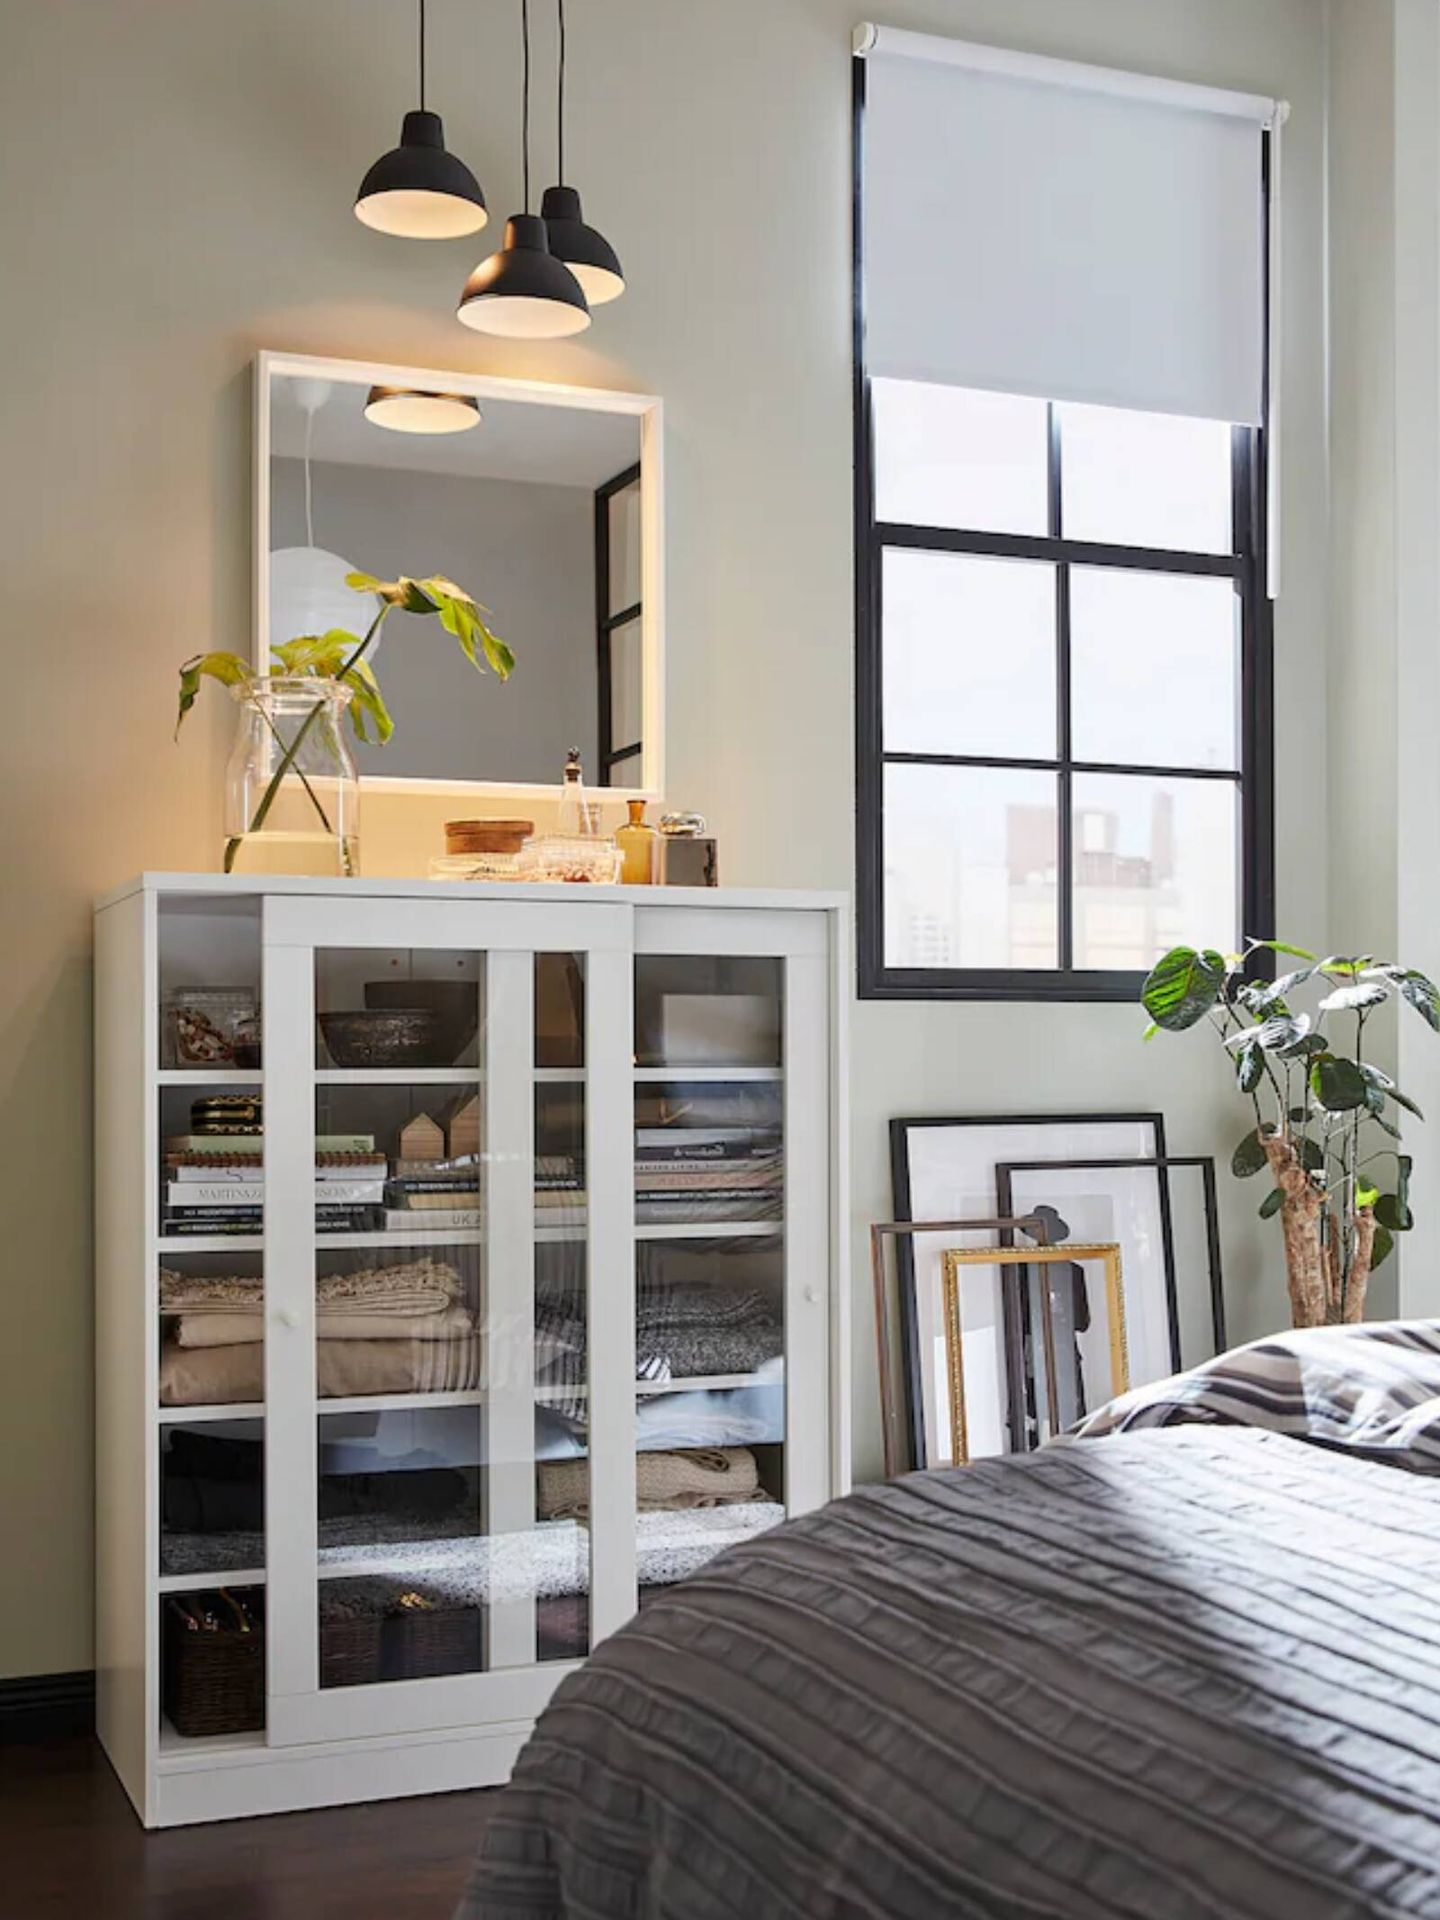 Este mueble de Ikea es ideal para todas las habitaciones de la casa. (Cortesía)